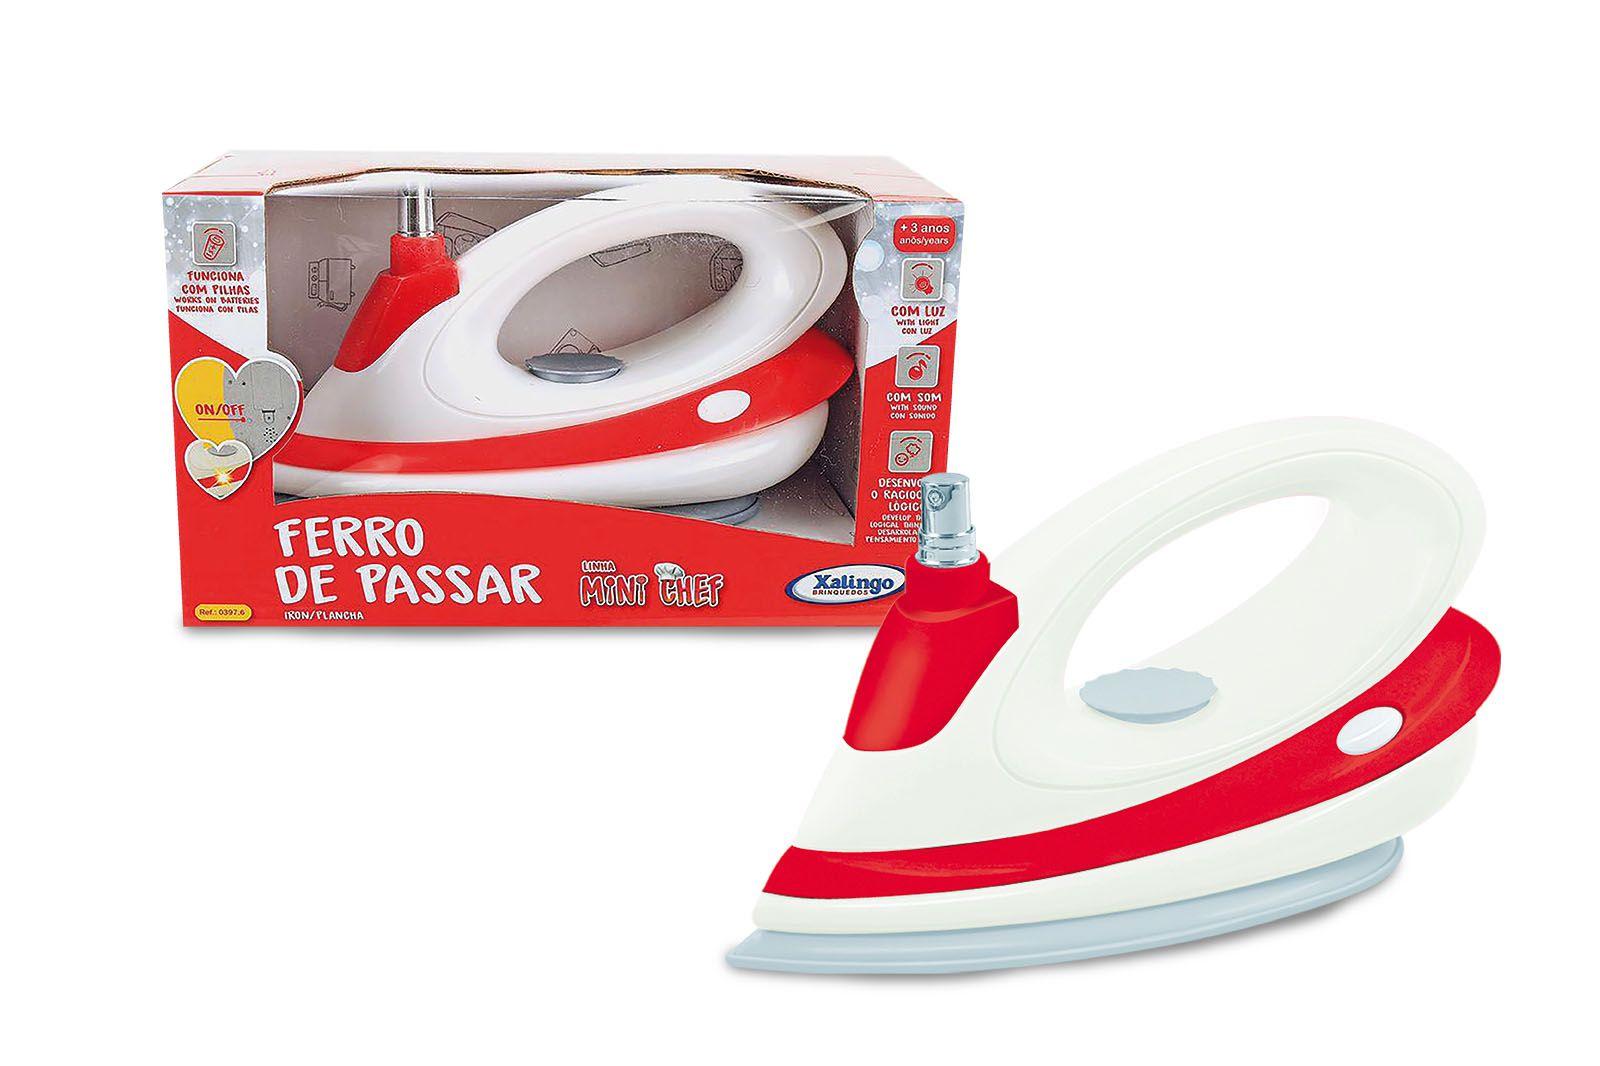 Ferro de Passar Mini Chef 03976 - Xalingo